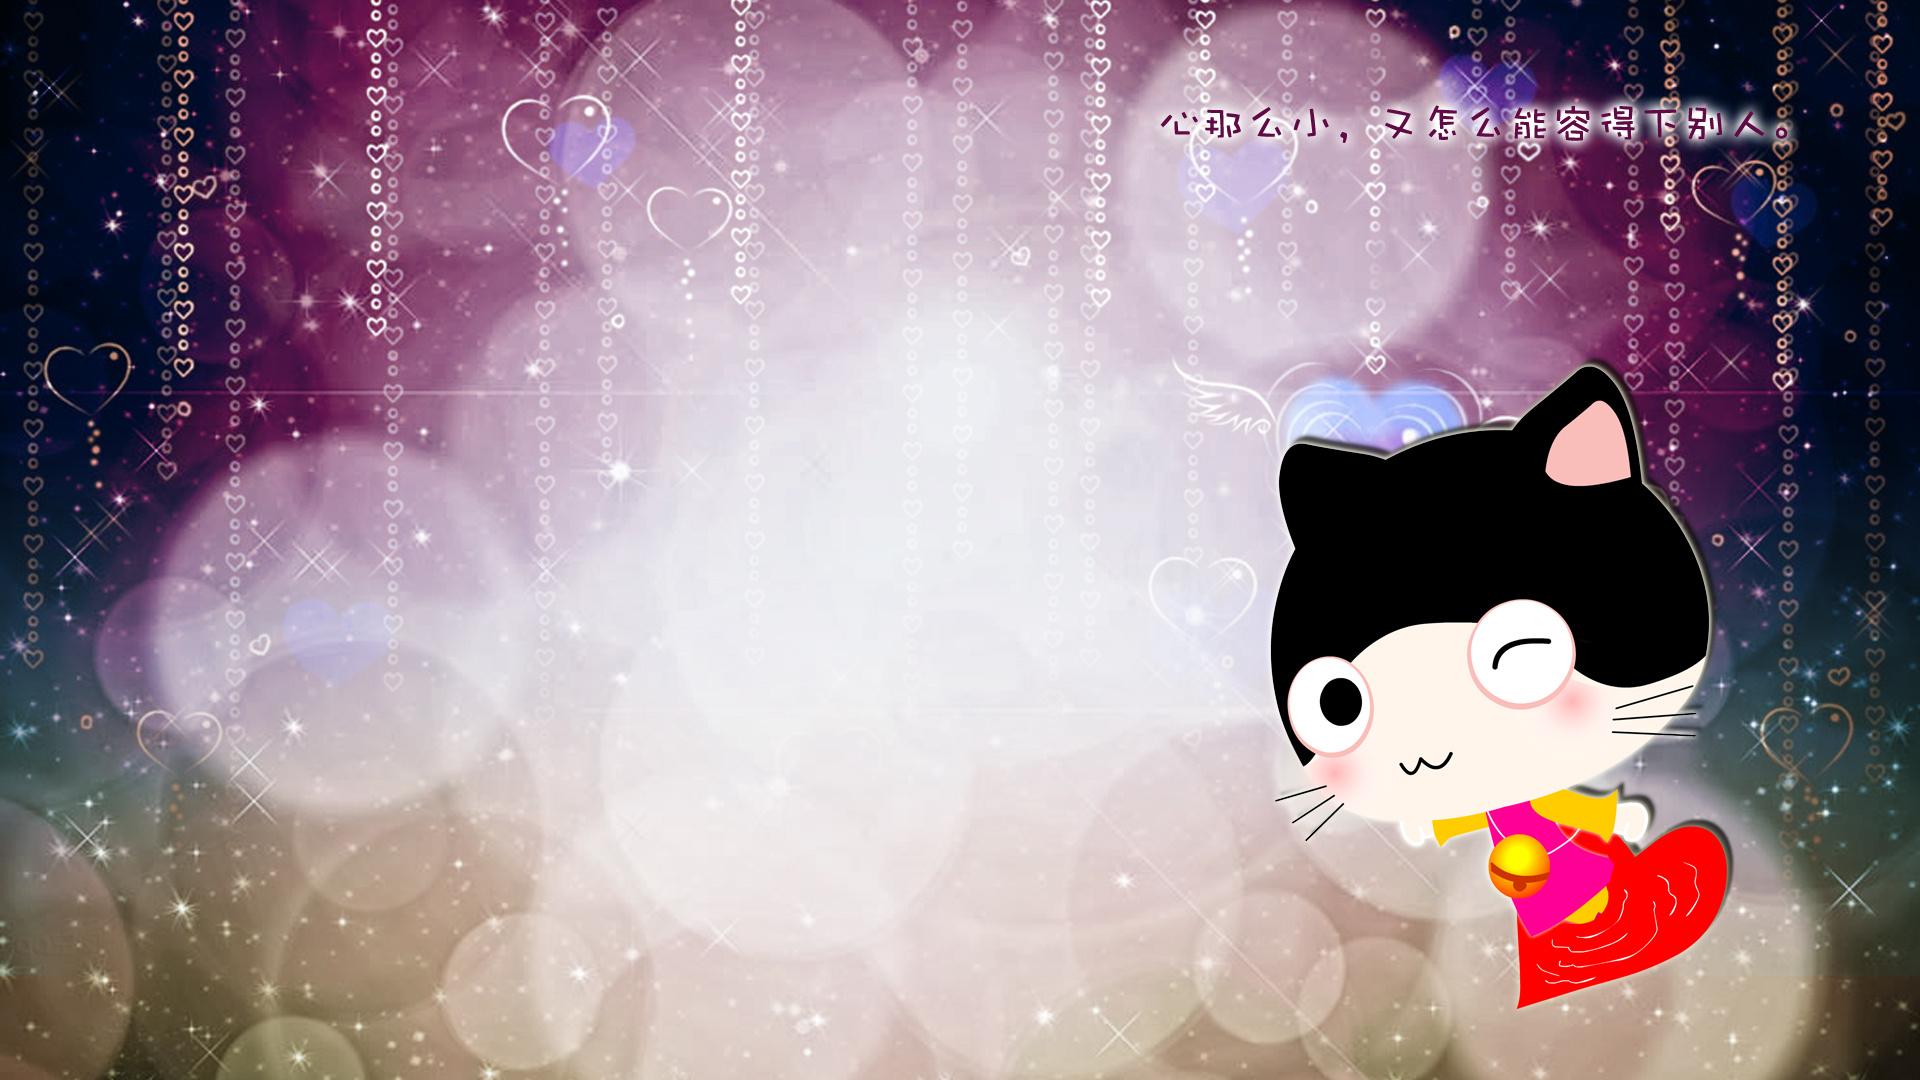 猫咪宝贝可爱壁纸 猫咪宝贝 11 1366x768图片